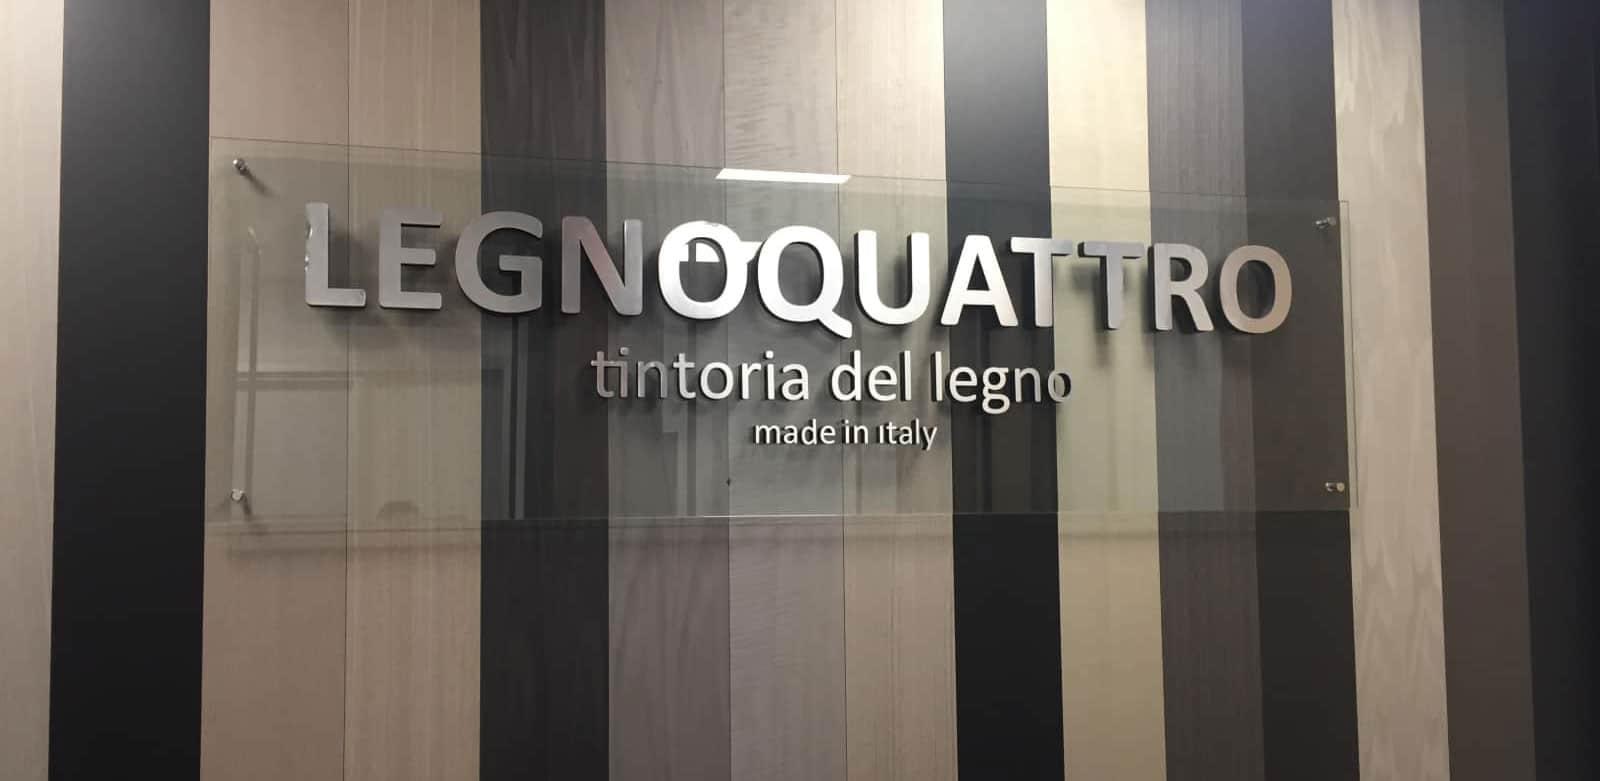 LegnoQuattro